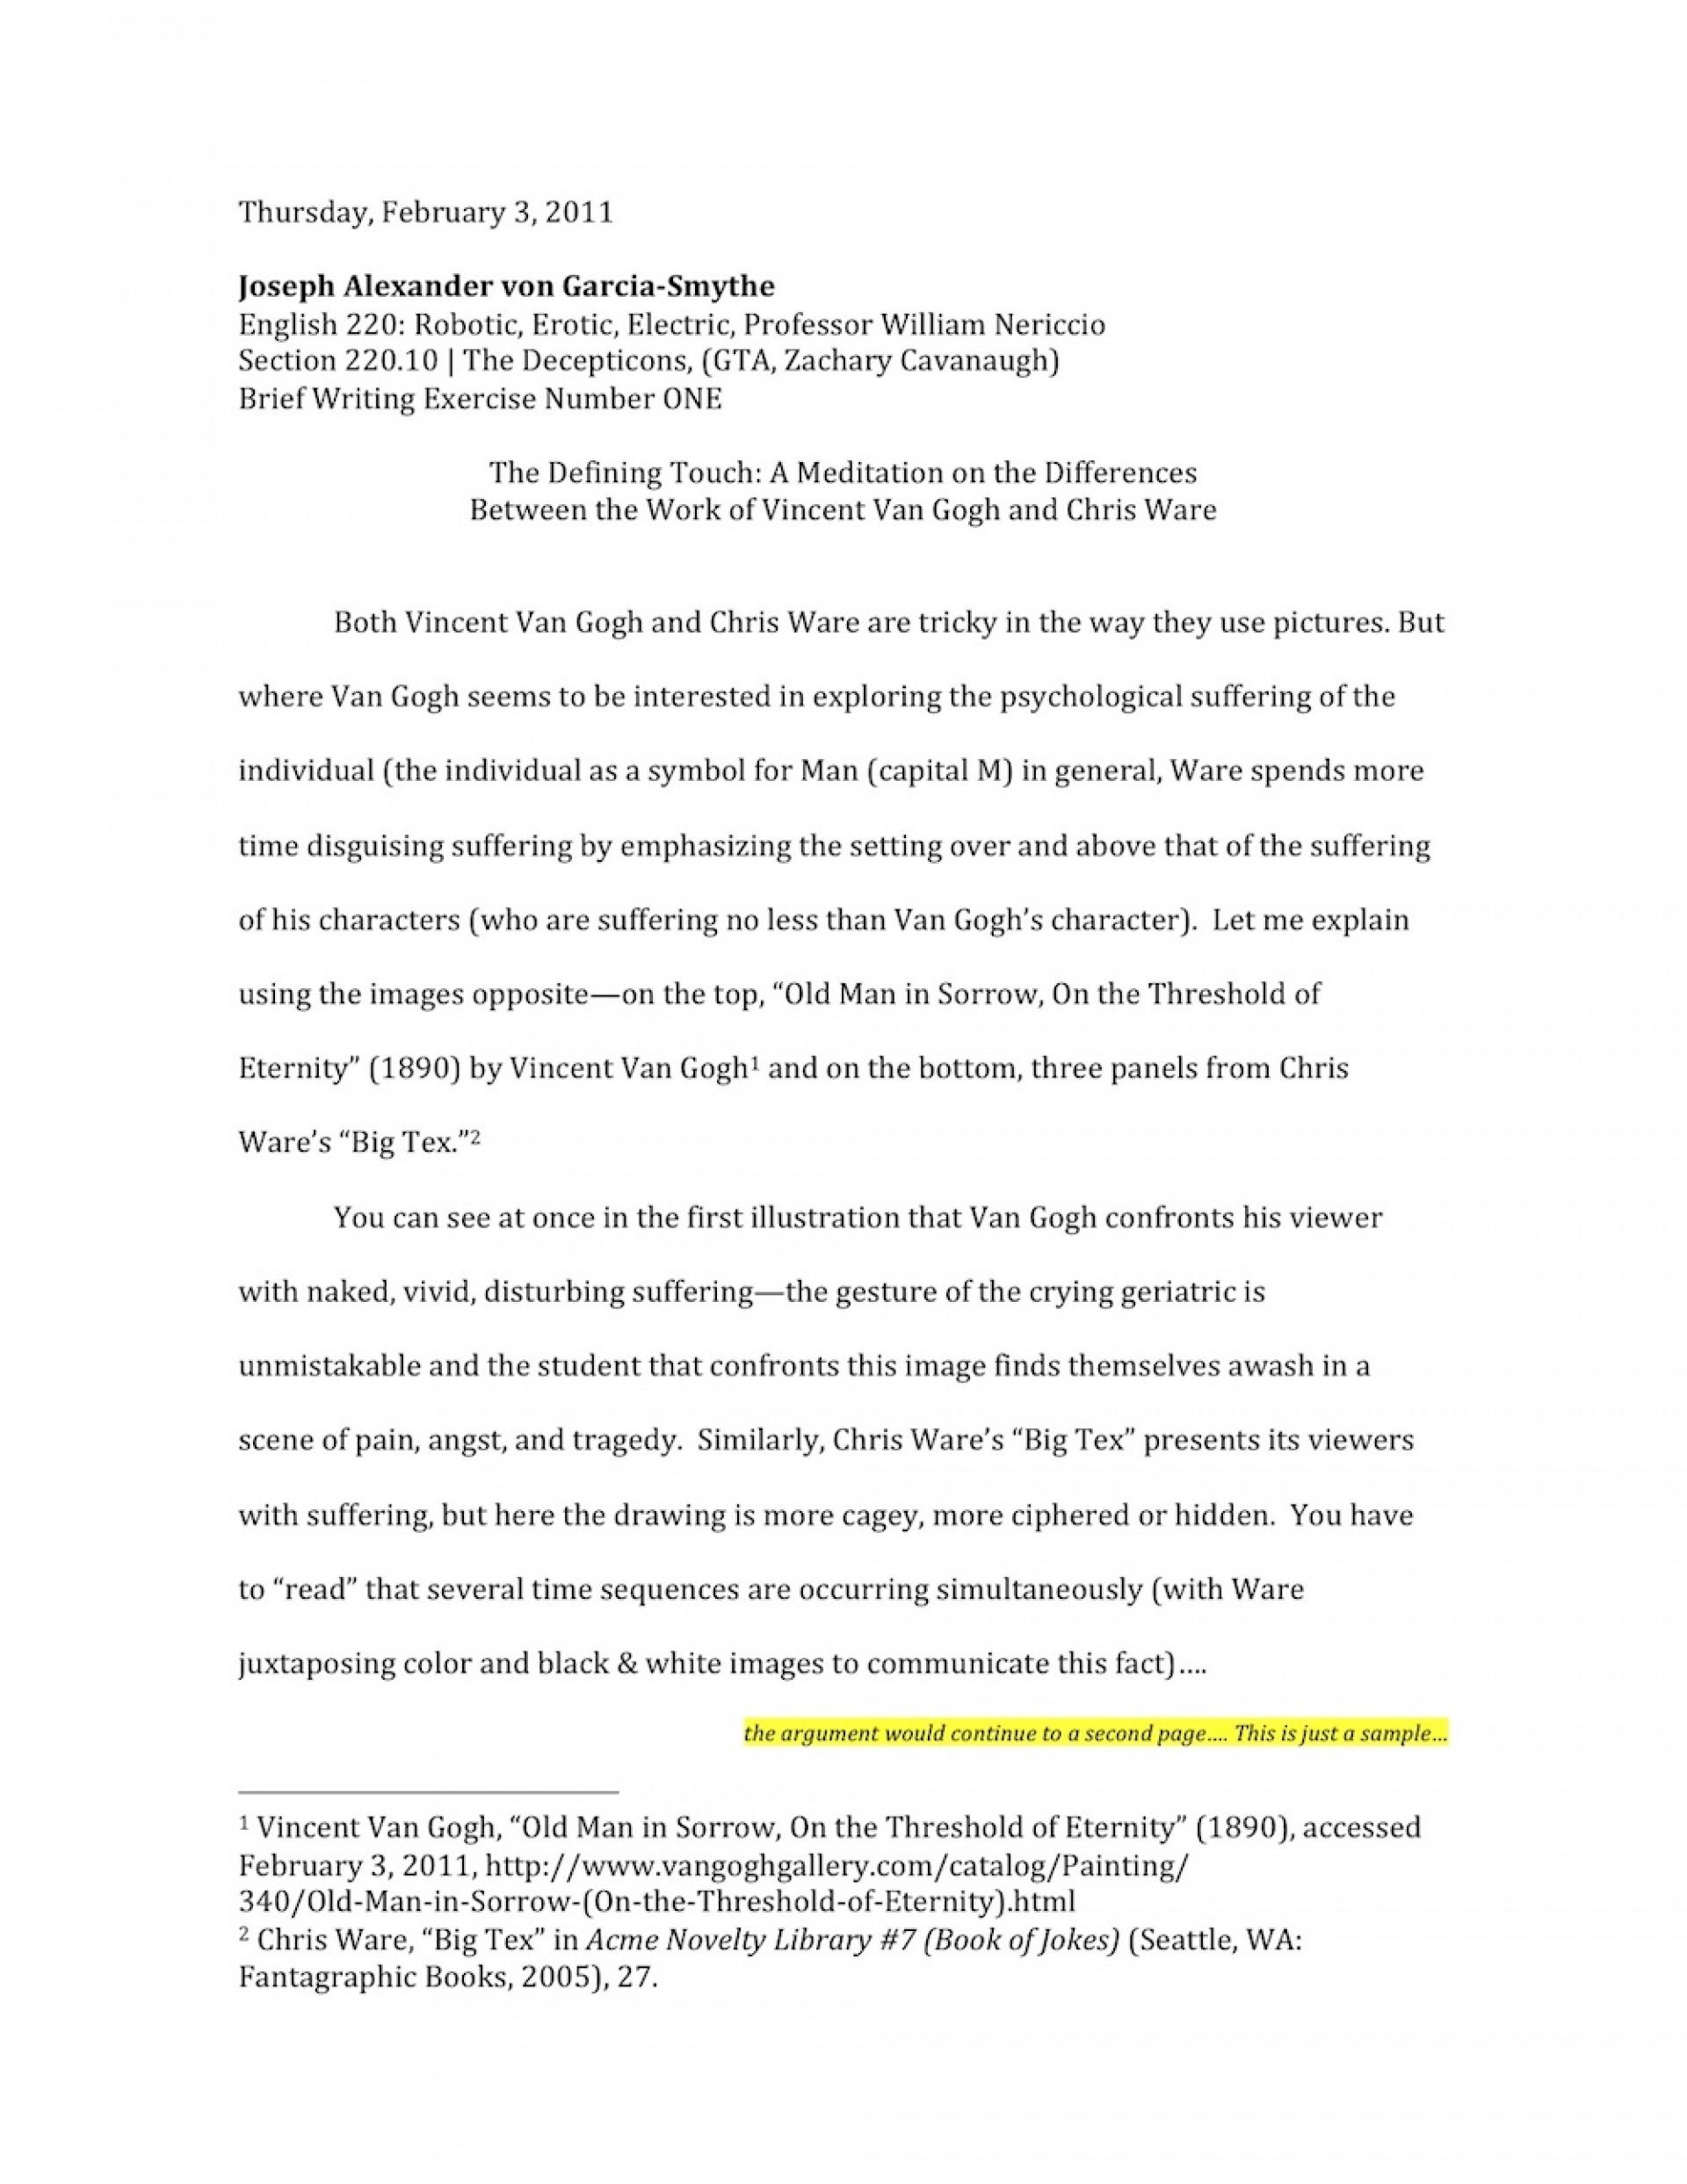 009 Essay Example Nericcio Sampleessay1 Unique Autobiography Pdf Examples For College 1920